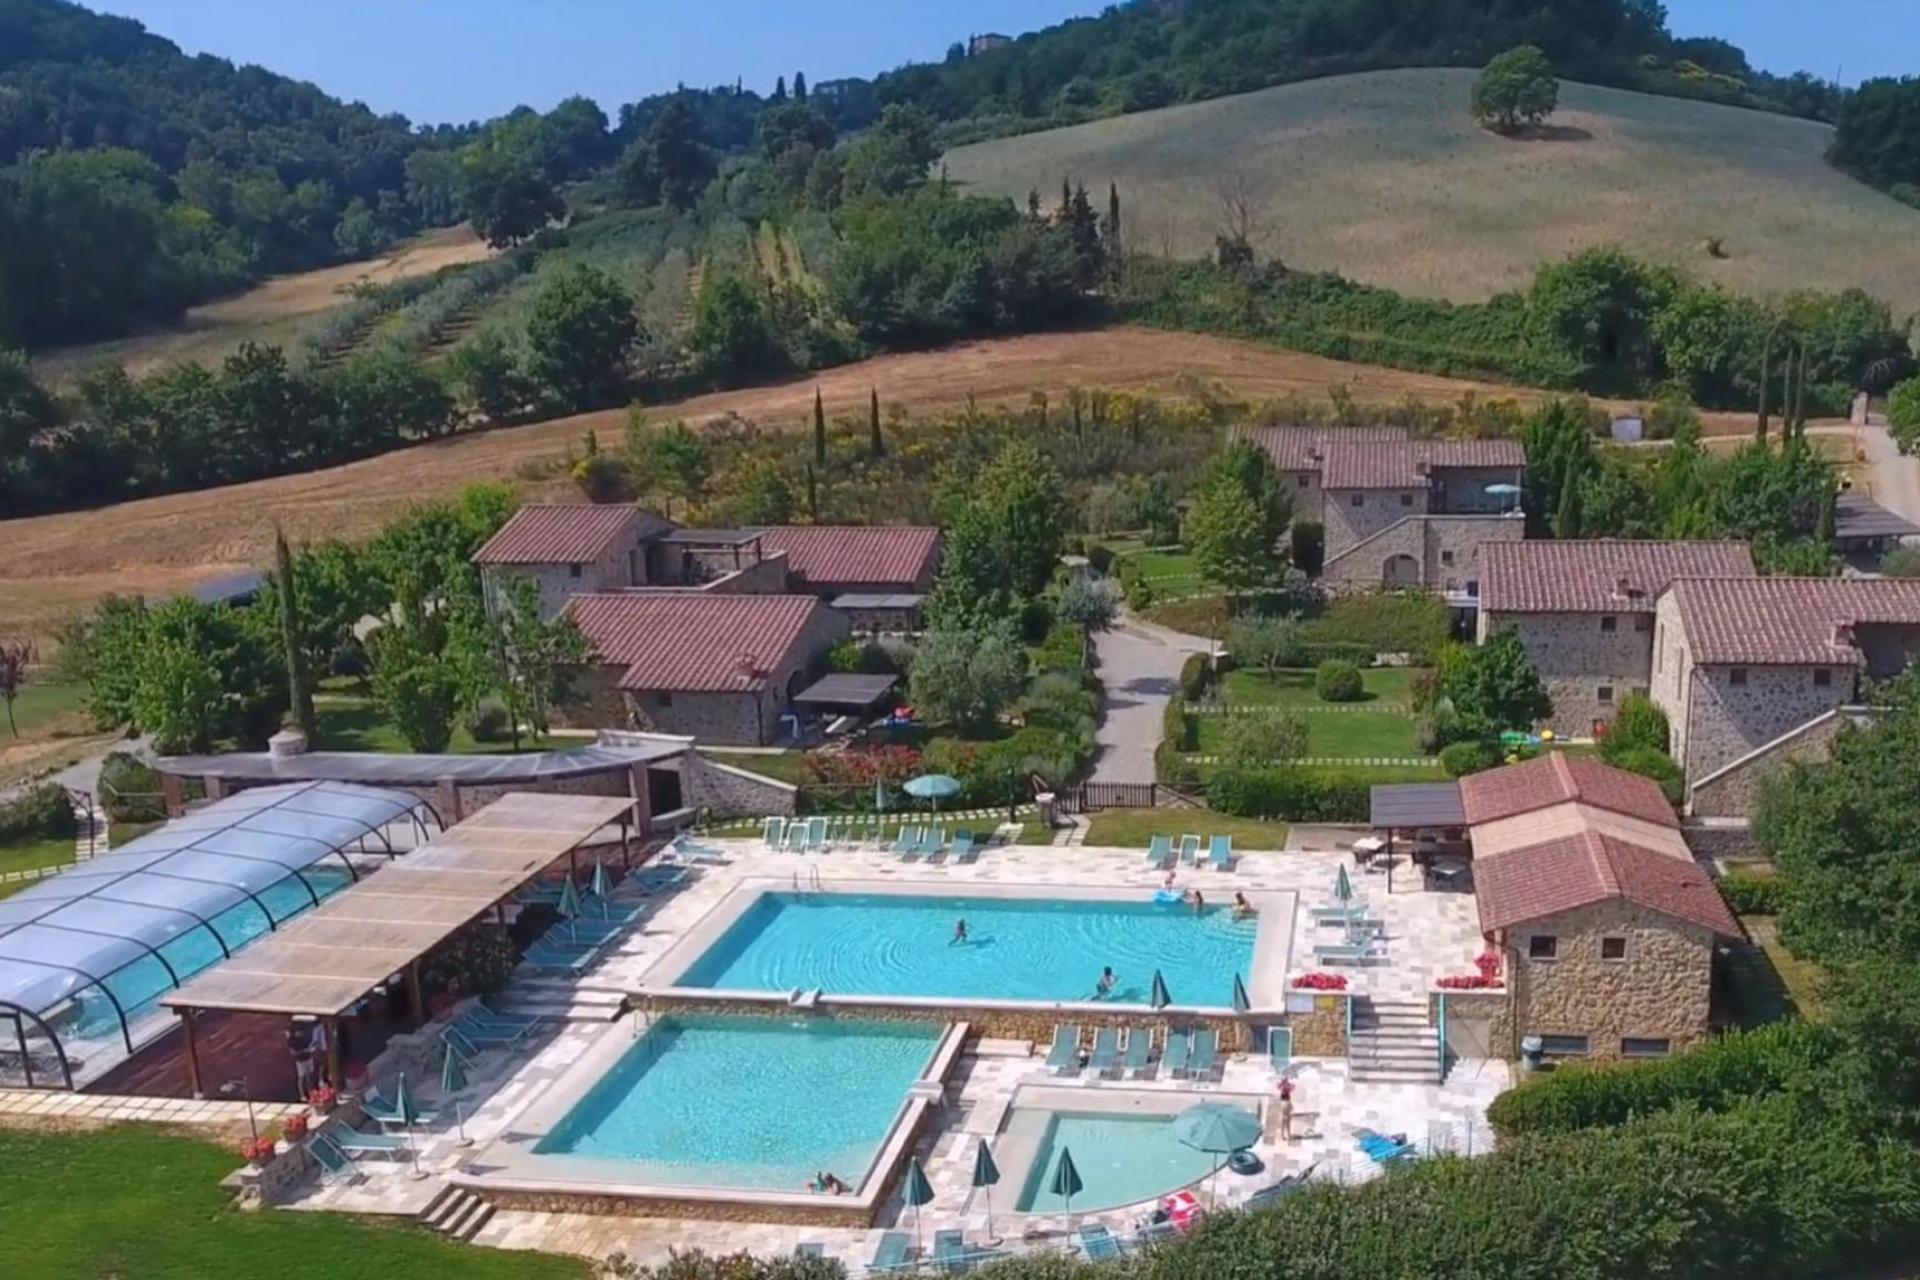 Kindvriendelijk resort Toscane met geweldig zwembad | myitaly.nl